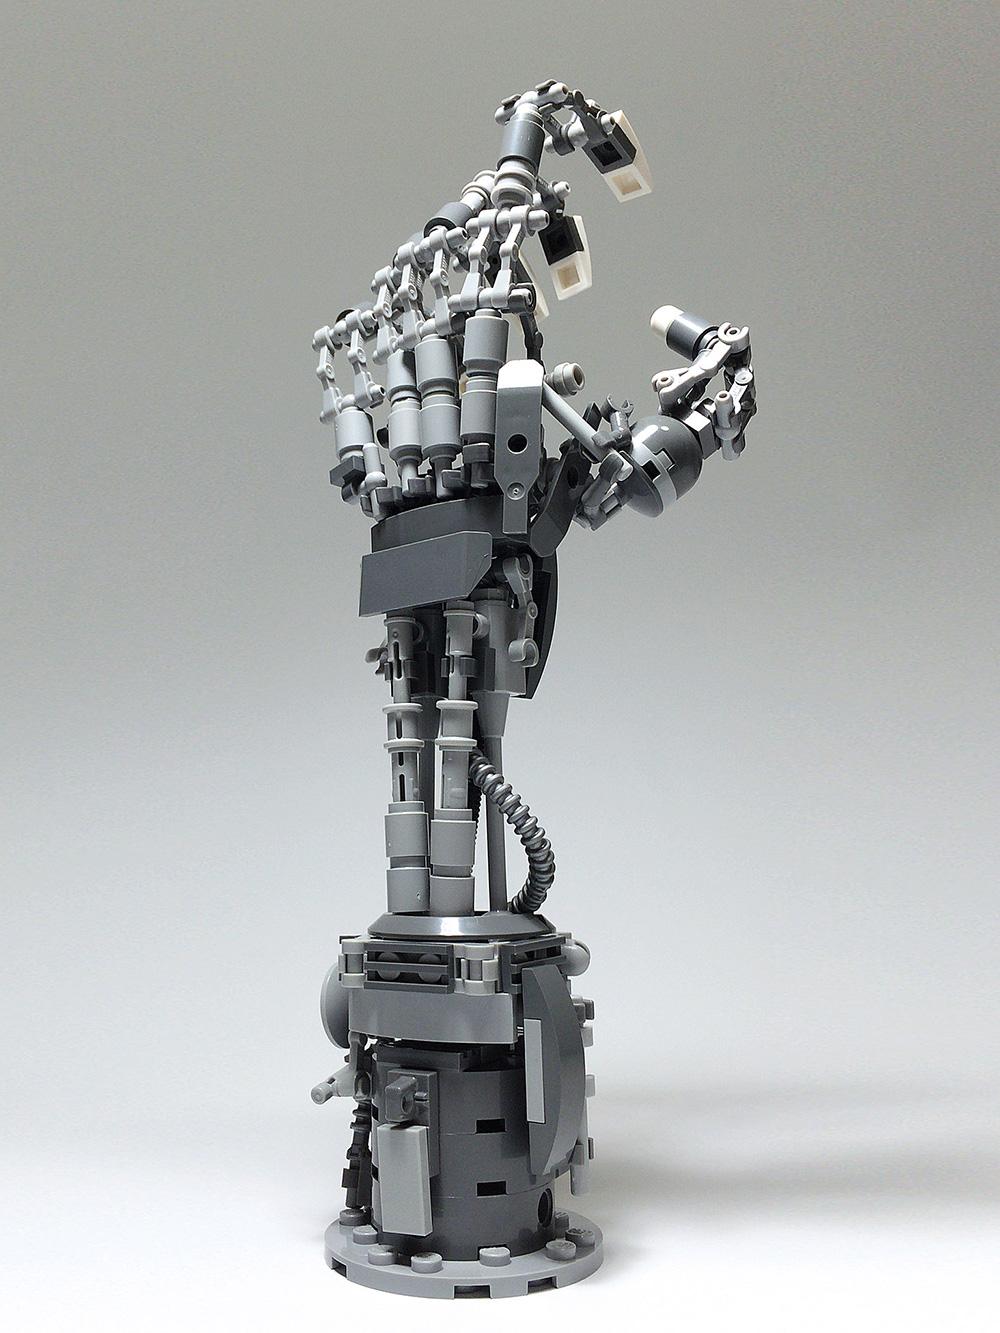 Lego Mech Hand